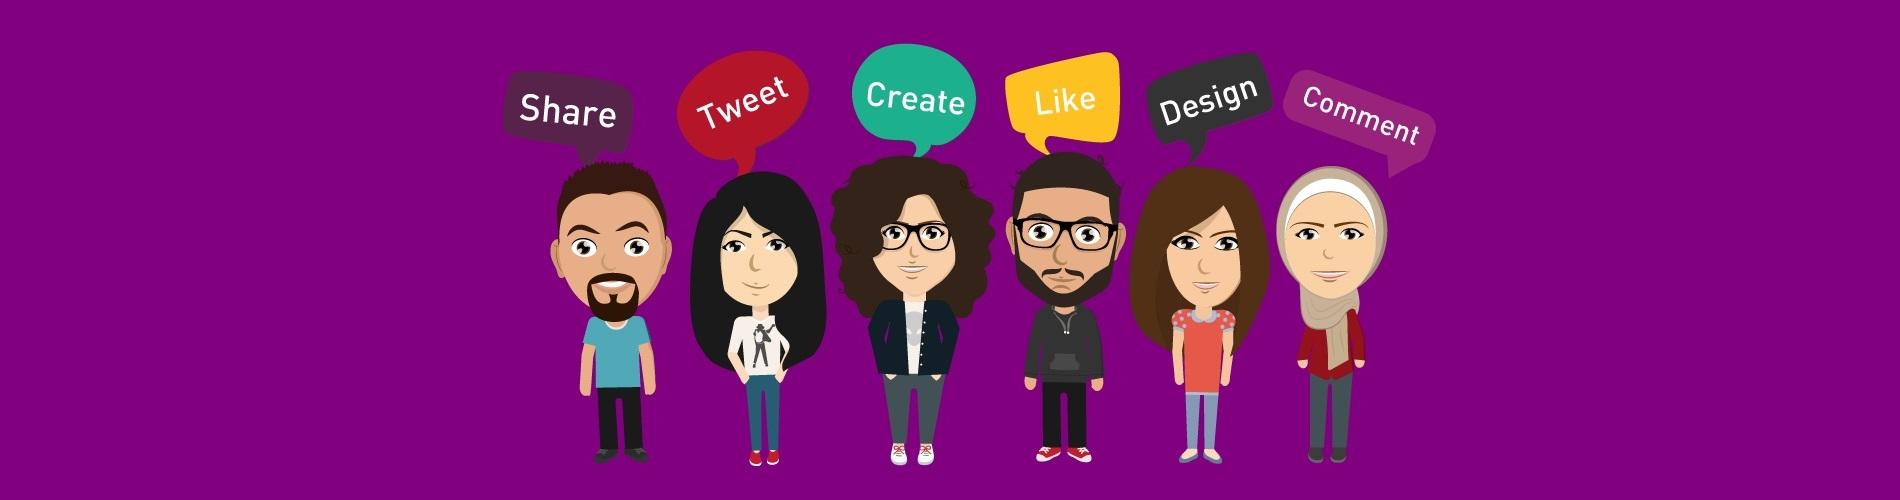 social media marketing, SMM